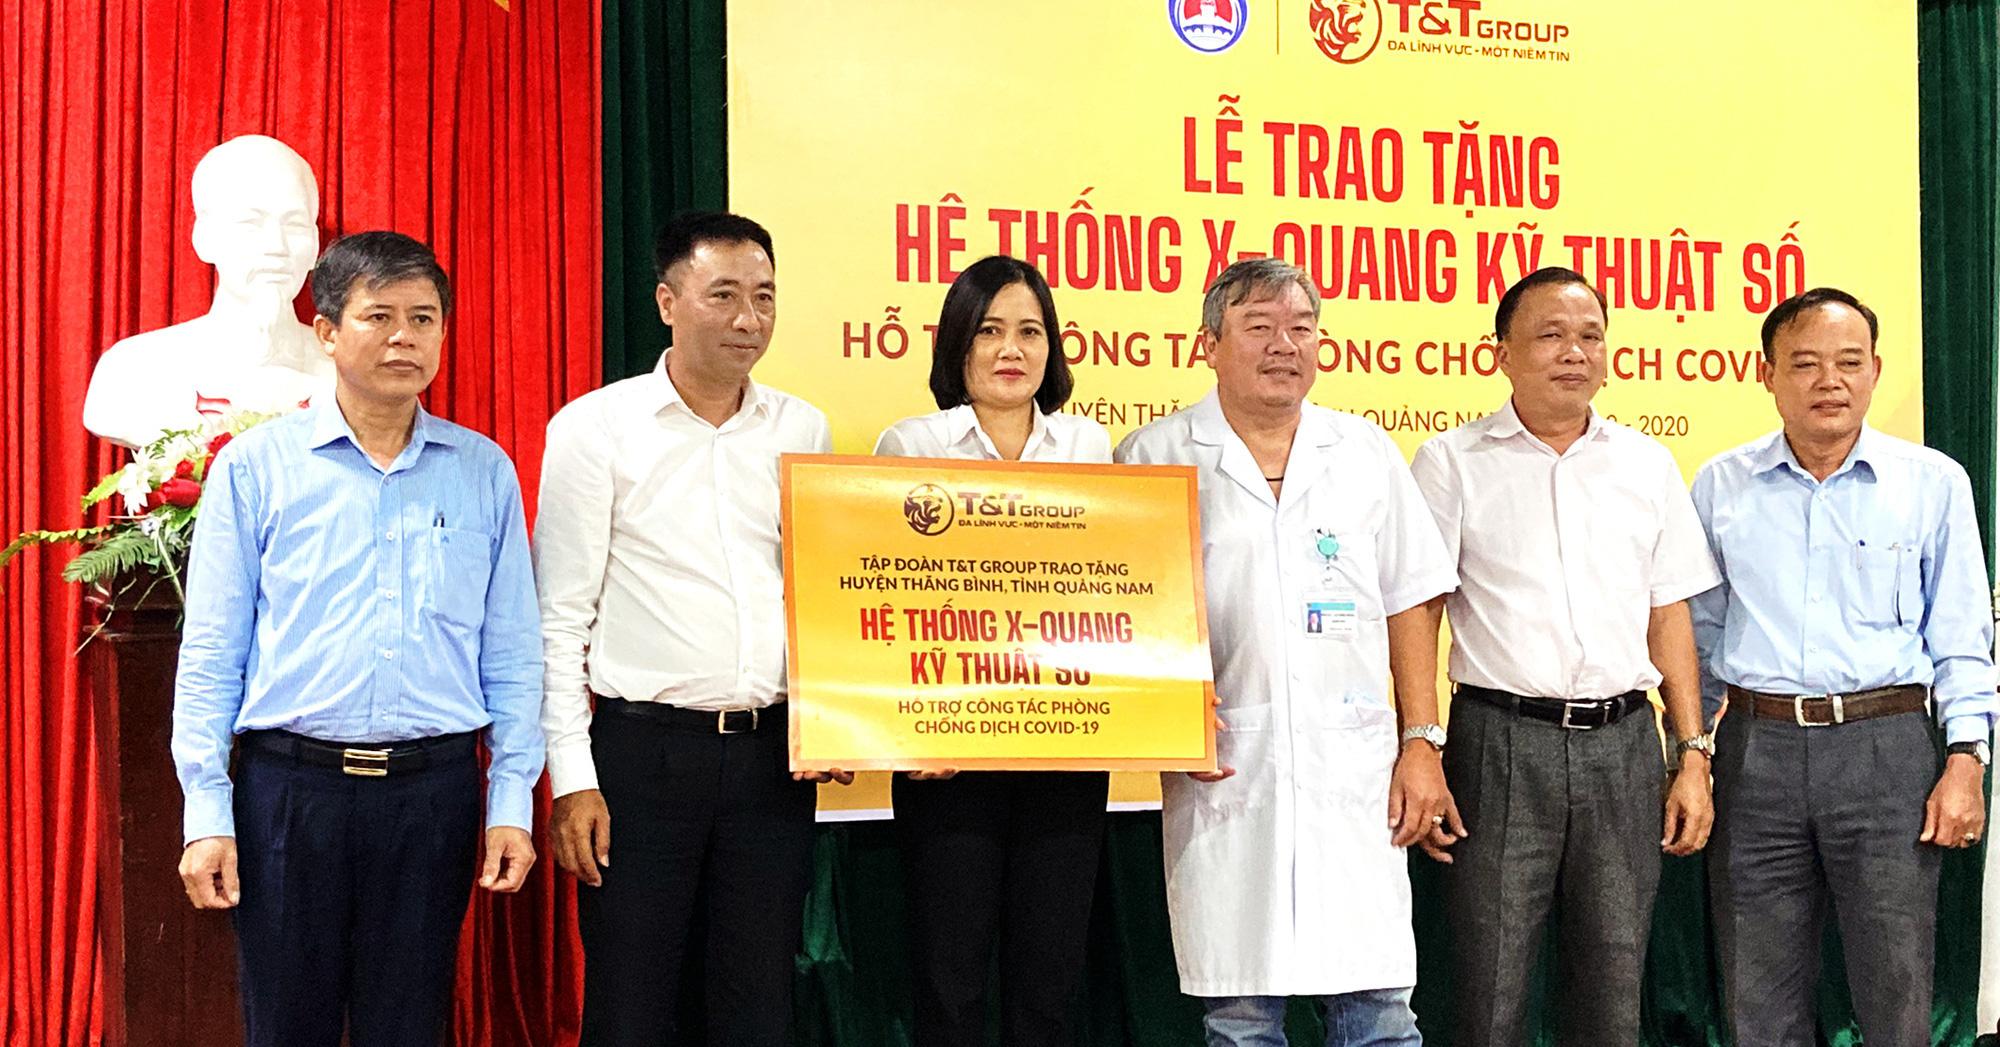 Tập đoàn T&T Group trao tặng hệ thống X-Quang kỹ thuật số cho huyện Thăng Bình (Quảng Nam) phòng chống dịch Covid-19